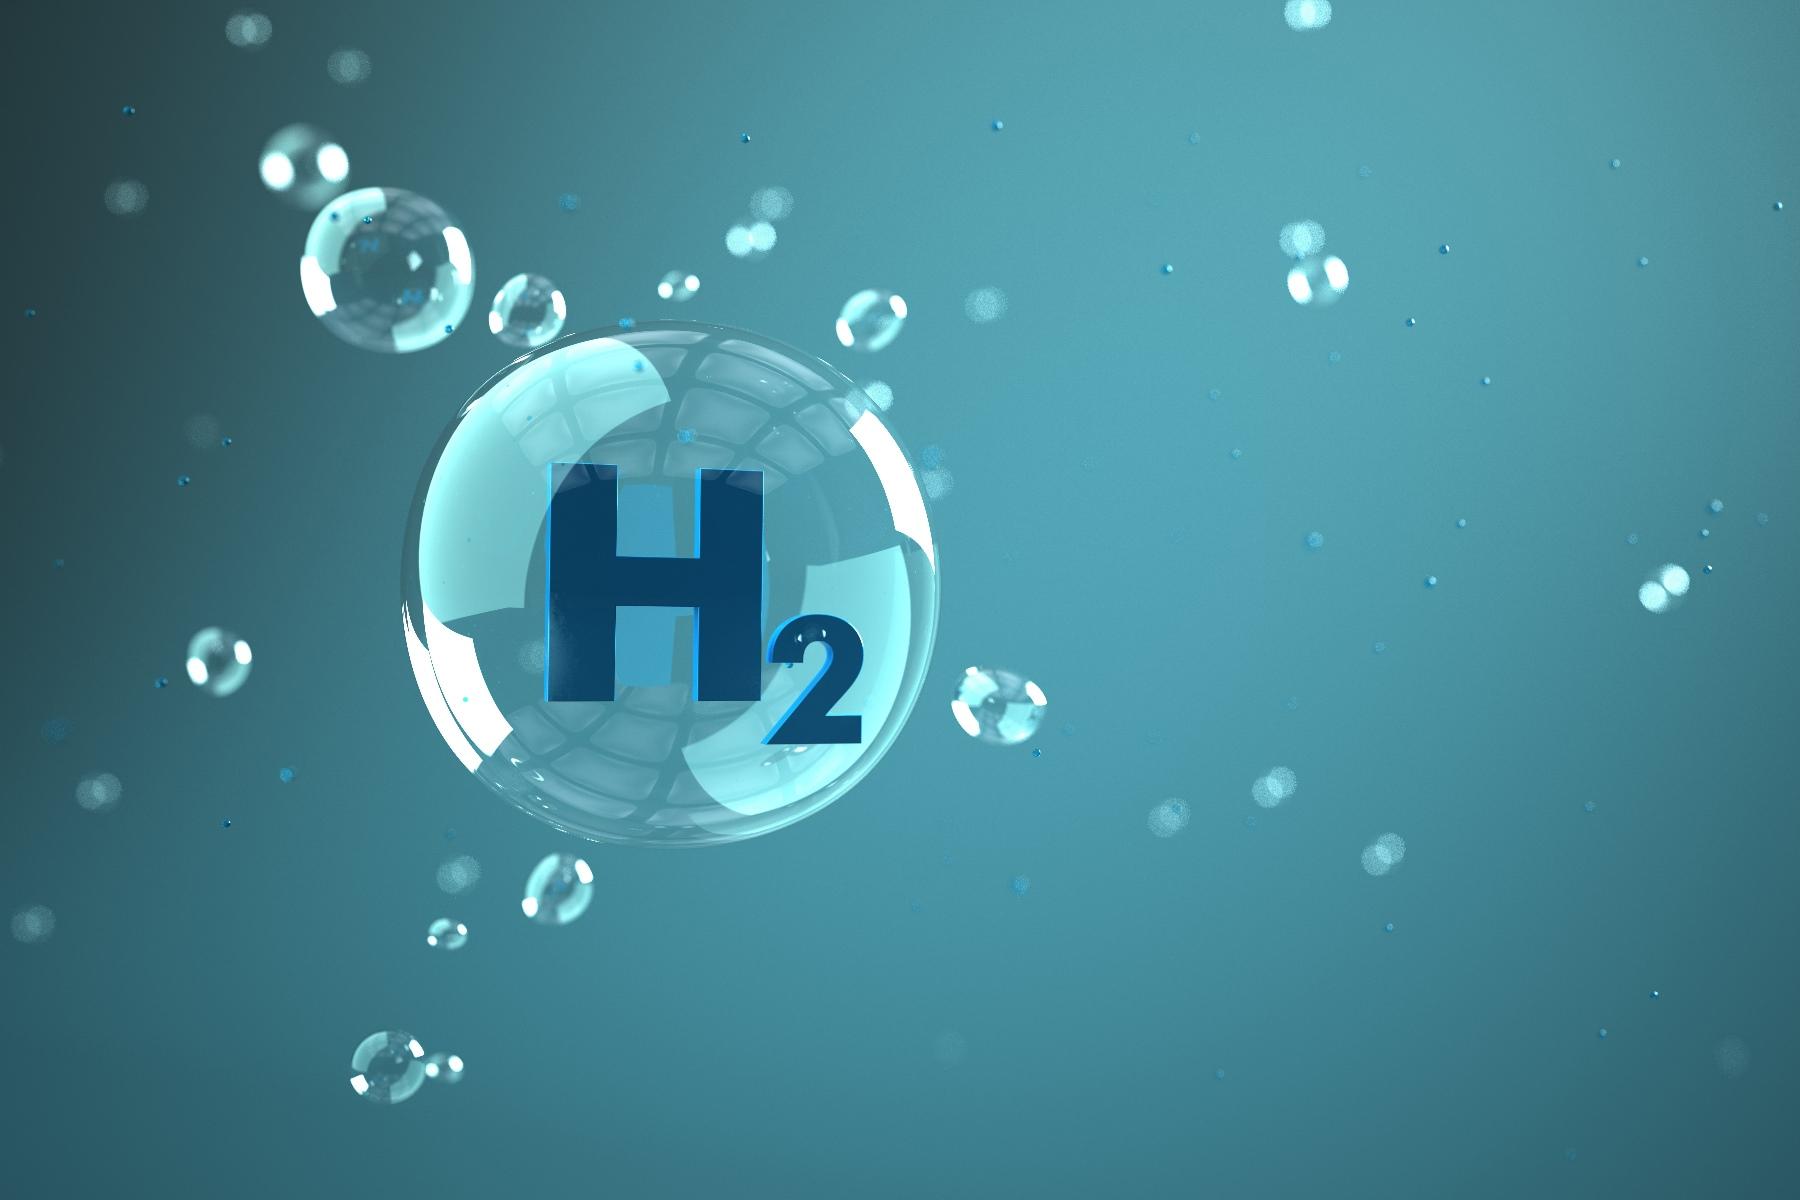 Beschlussantrag | Wasserstoff – Energieträger der Zukunft